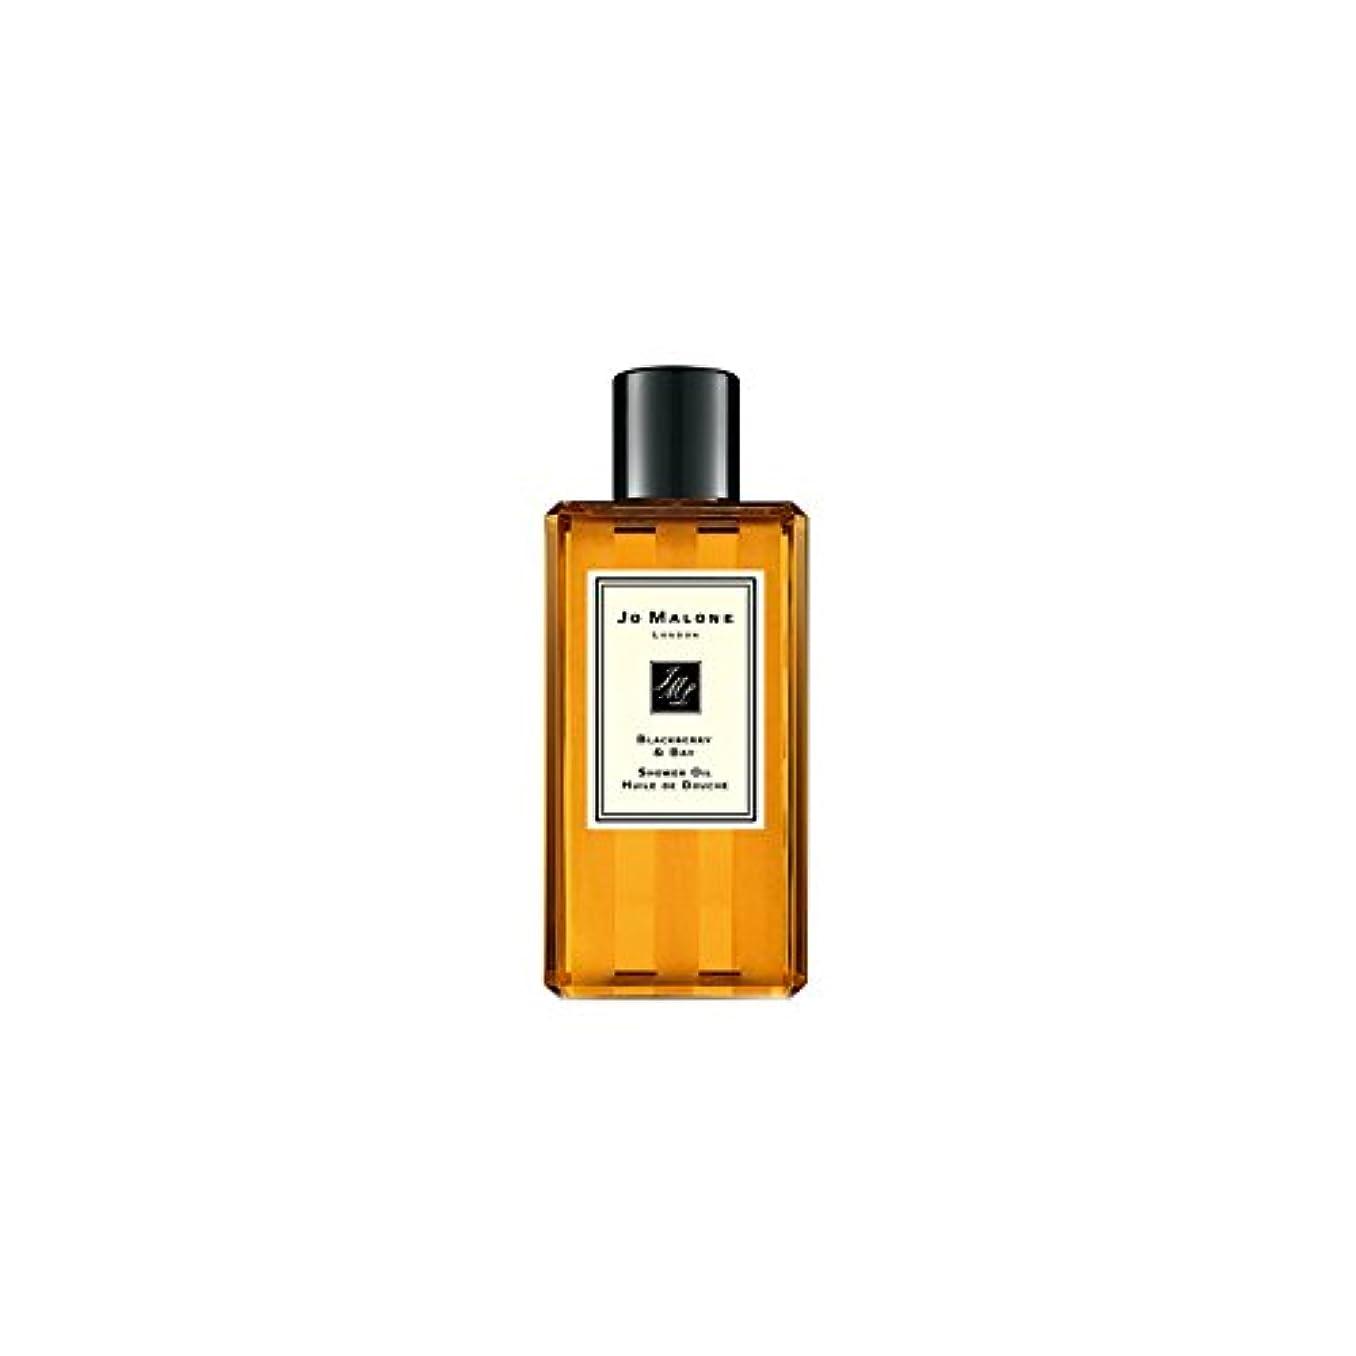 モニター所持船員Jo Malone Blackberry & Bay Shower Oil - 250ml (Pack of 2) - ジョーマローンブラックベリー&ベイシャワーオイル - 250ミリリットル (x2) [並行輸入品]